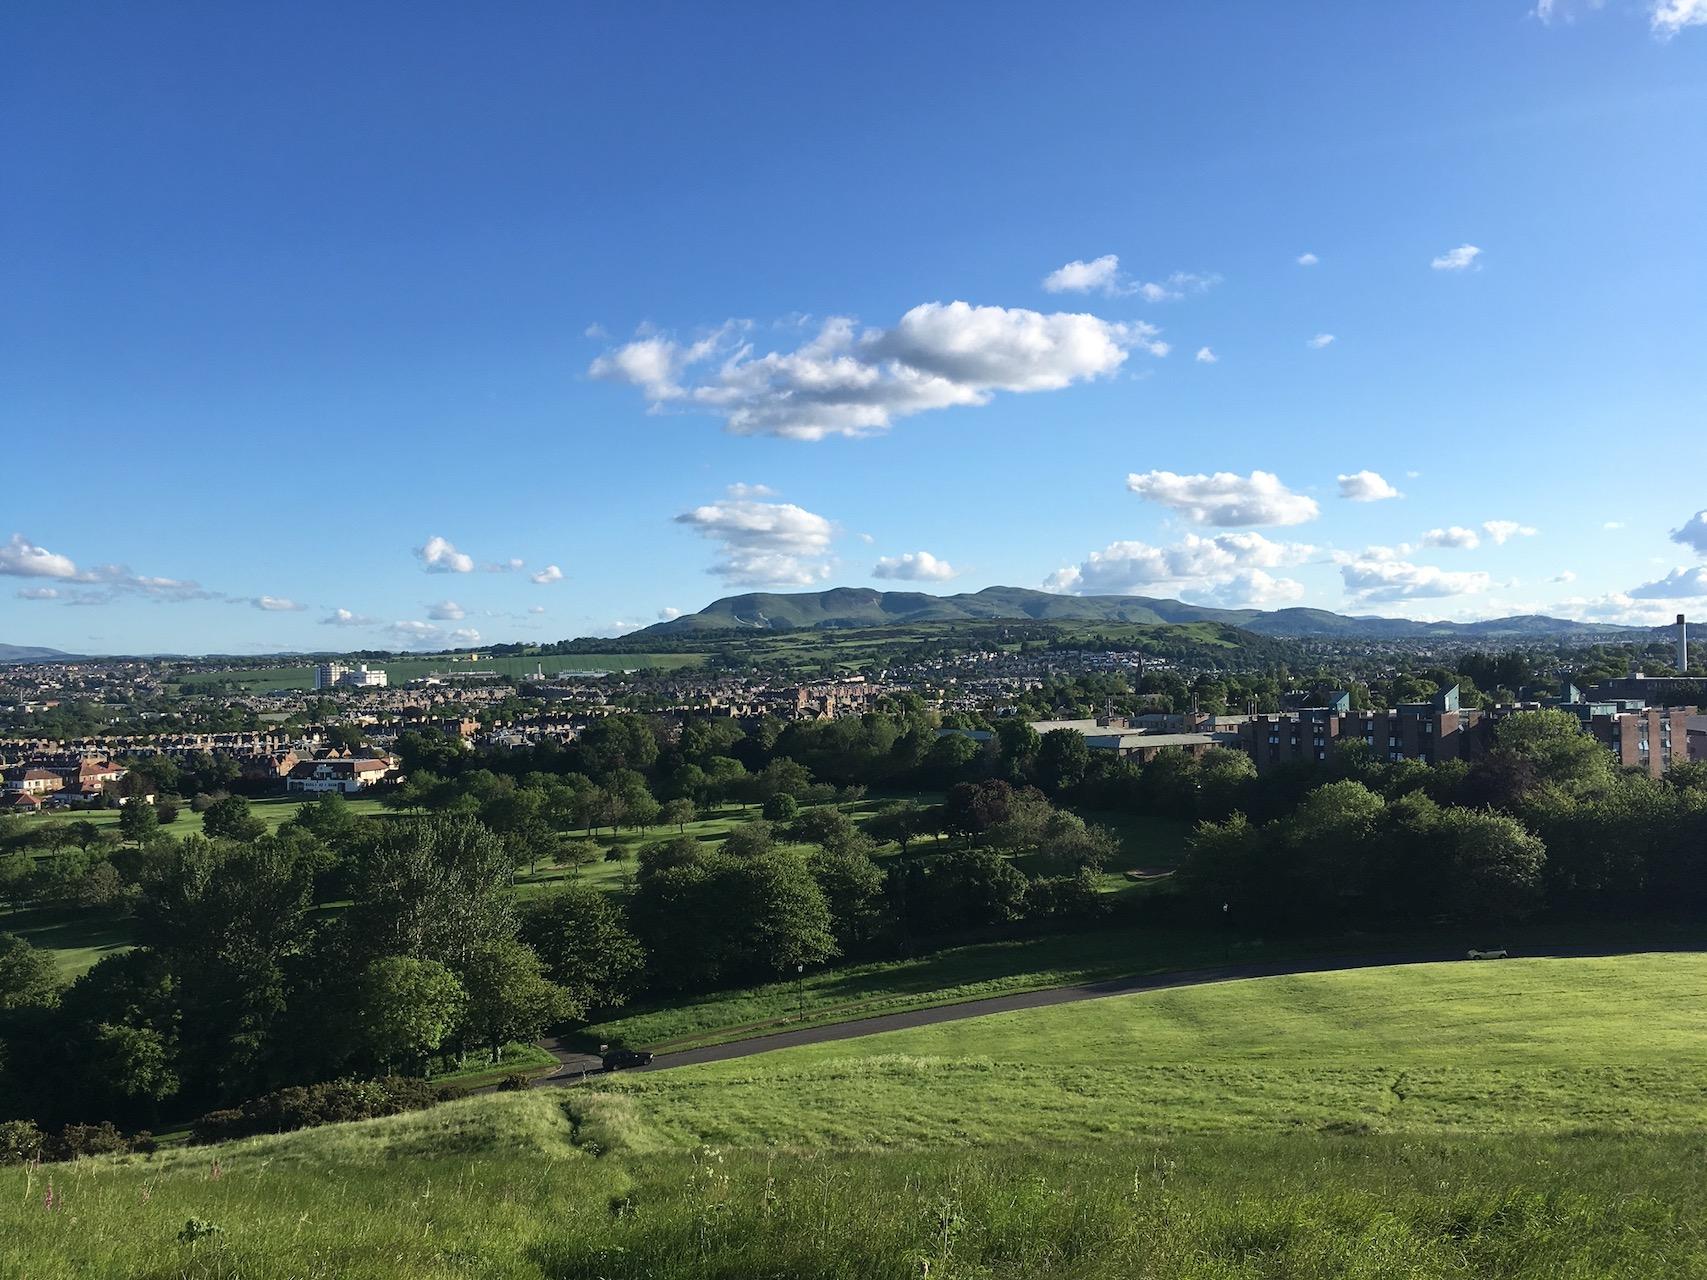 在Holyrood park环山路往宿舍的方向看,远处的山就是Pentland Hills